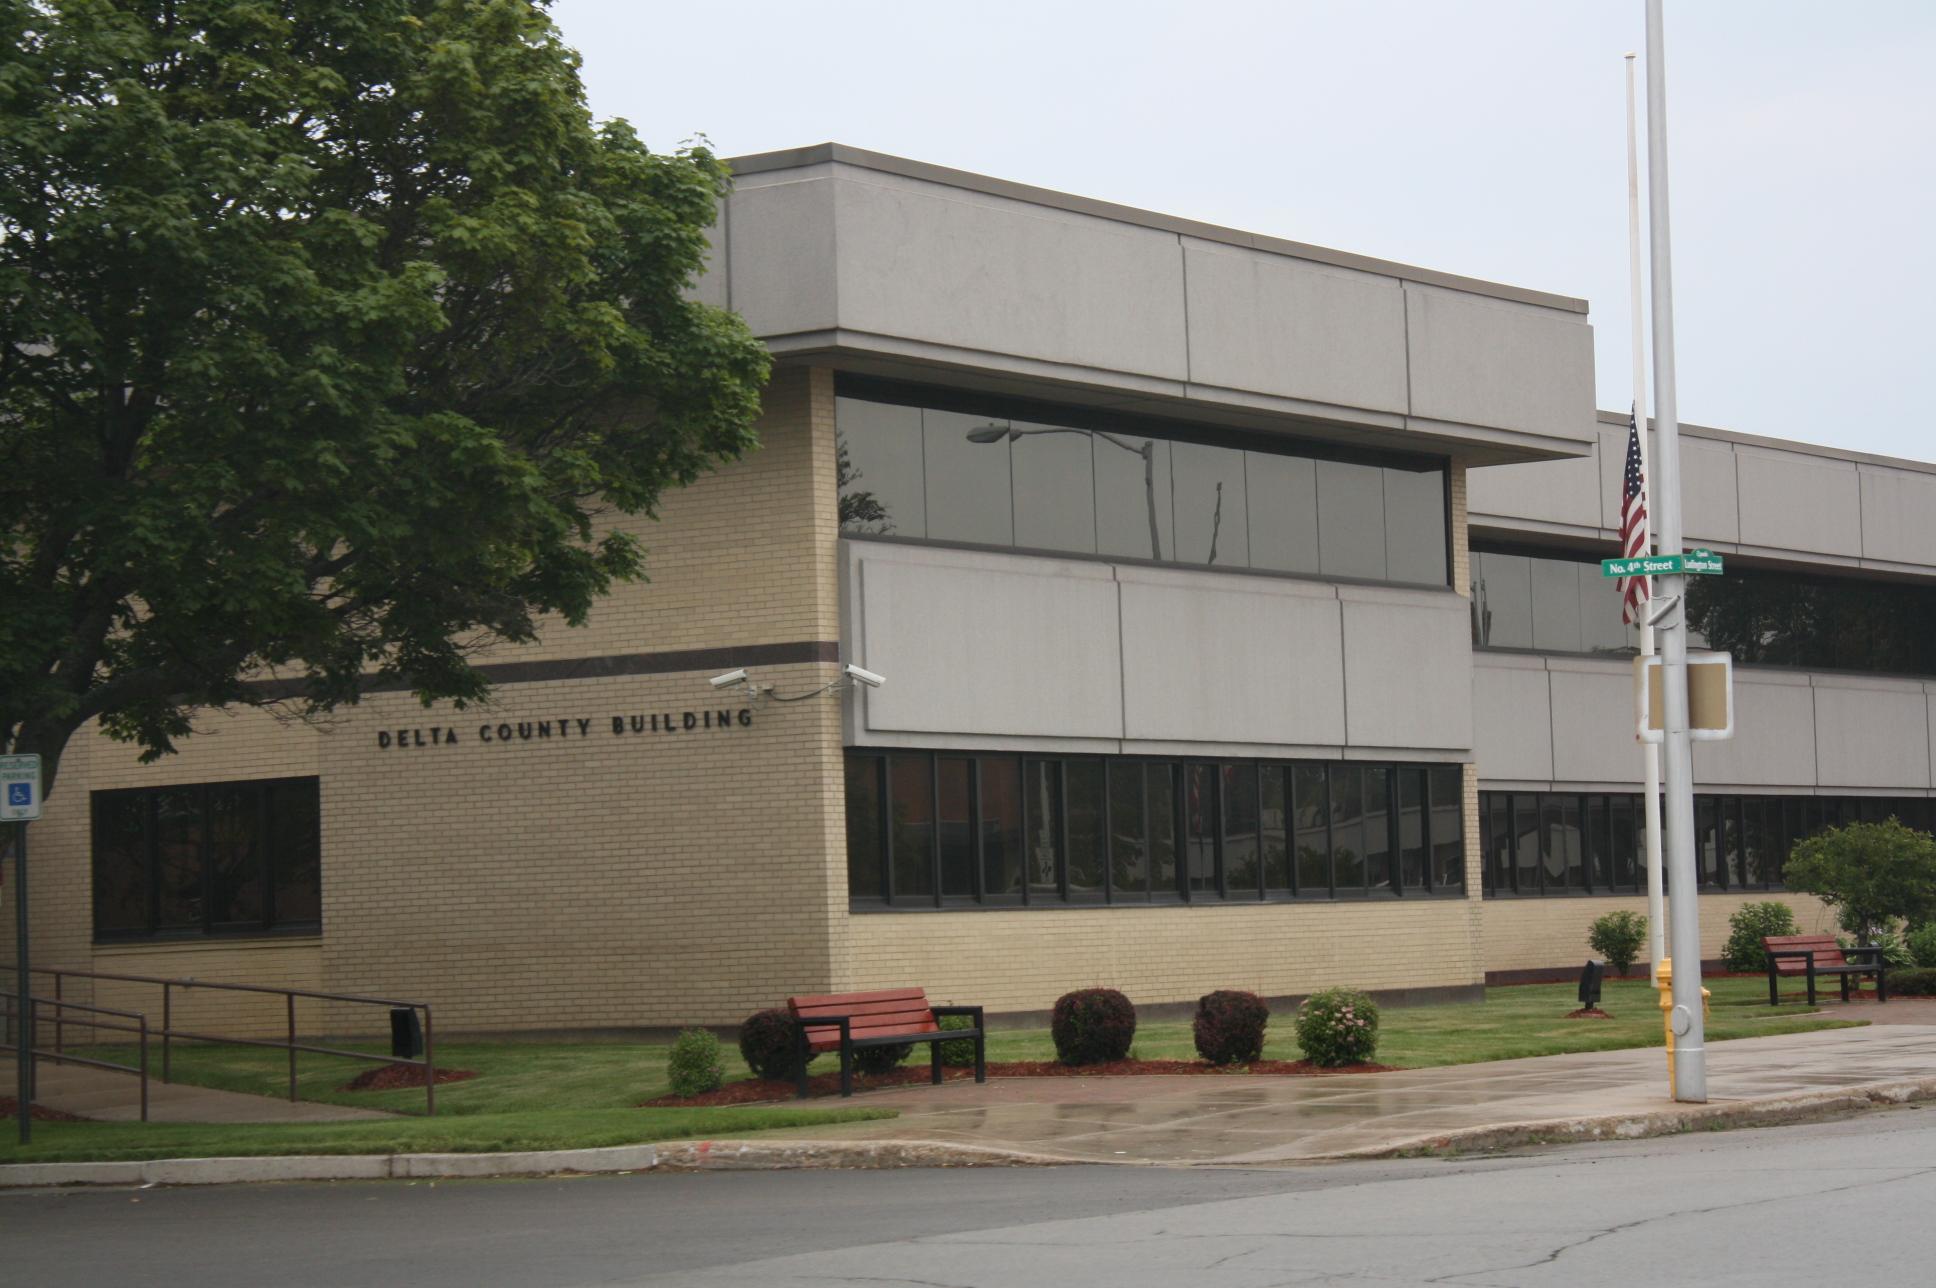 Delta County Michigan Wikipedia